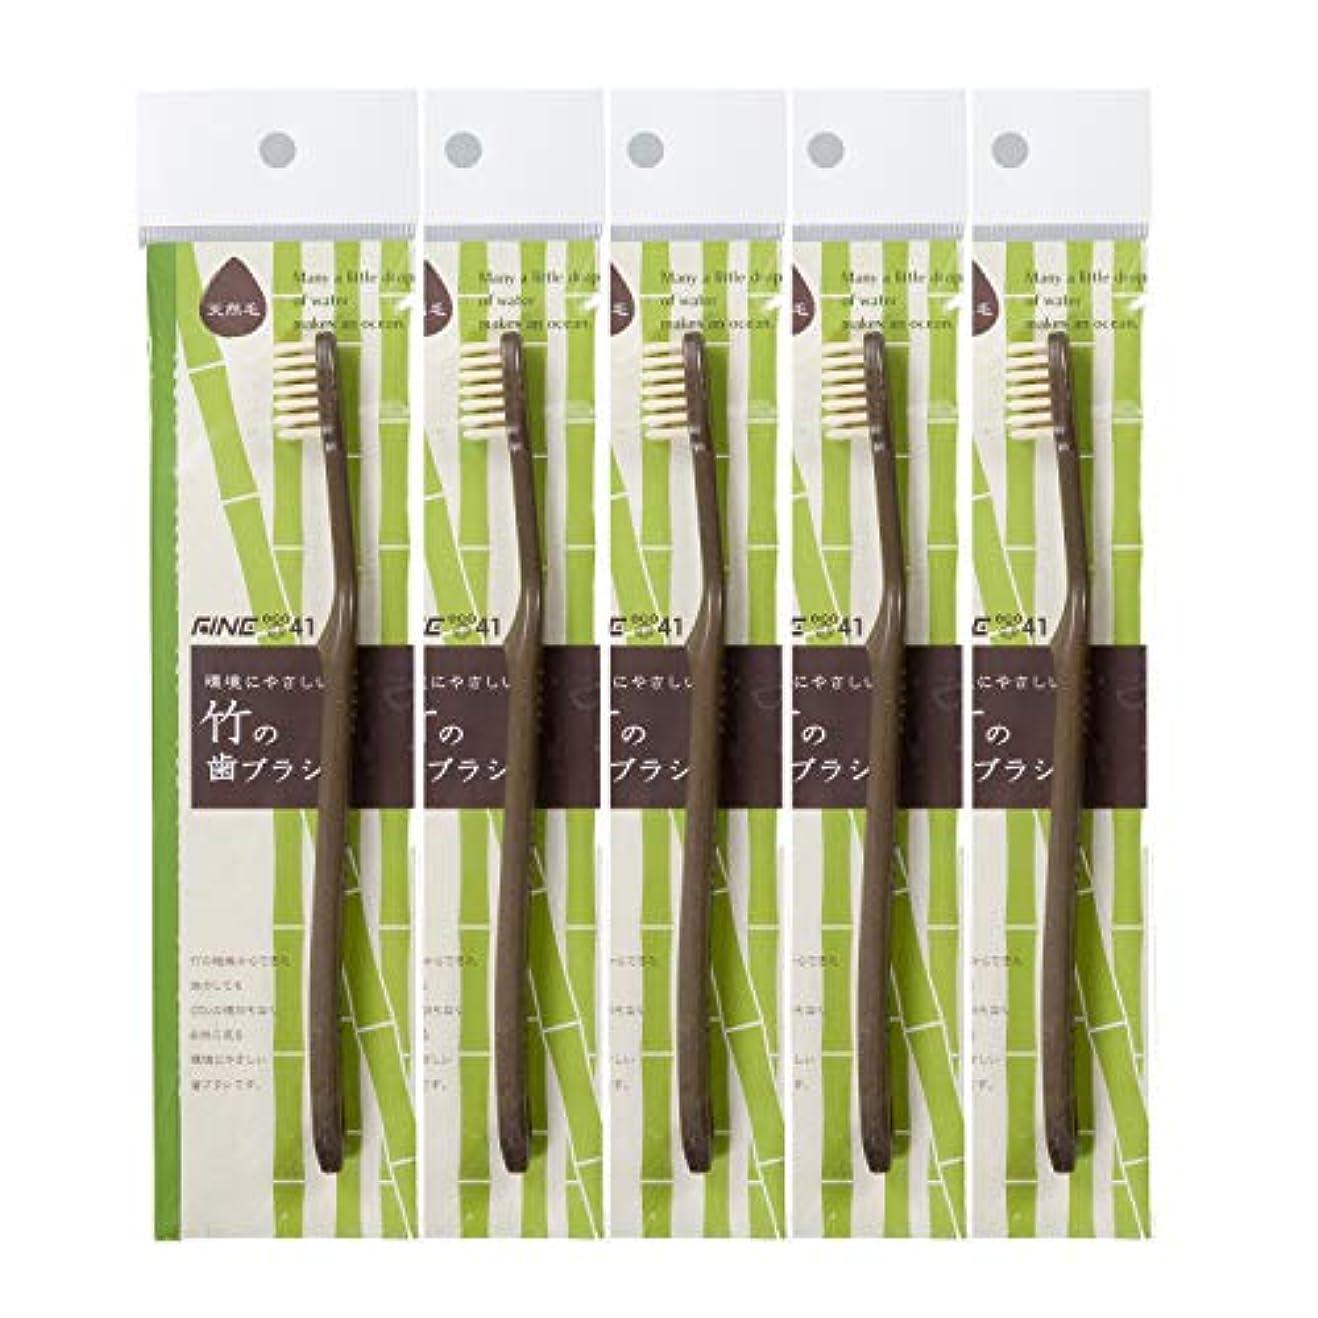 一次ちっちゃいのスコア【FINE ファイン】FINEeco41 竹の歯ブラシ 天然毛タイプ 5本セット